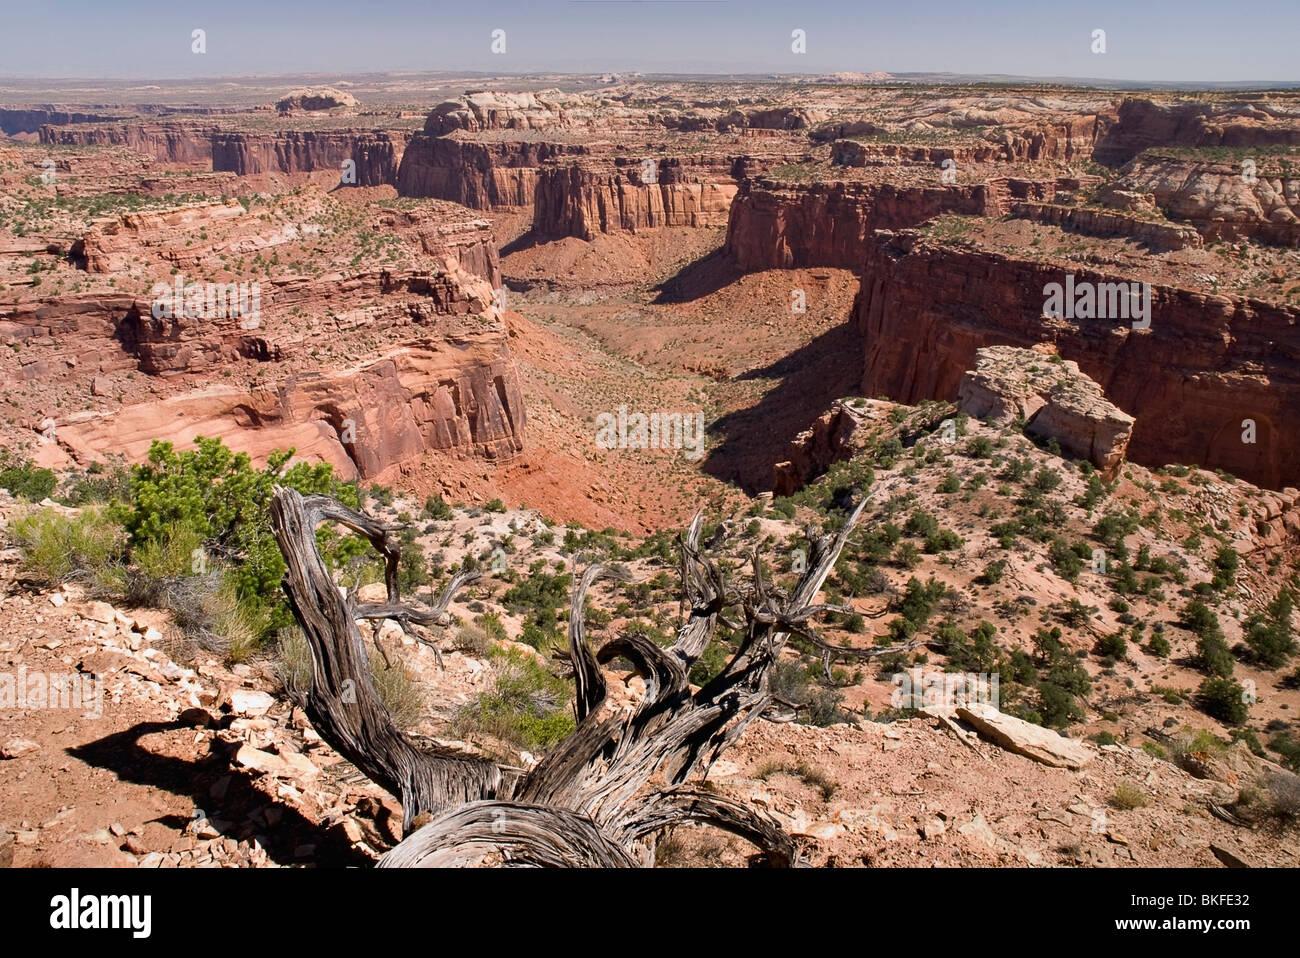 Canyon-Nationalpark, Utah, Vereinigte Staaten von Amerika; Eine Schlucht auf der Insel im Bezirk Himmel Stockbild